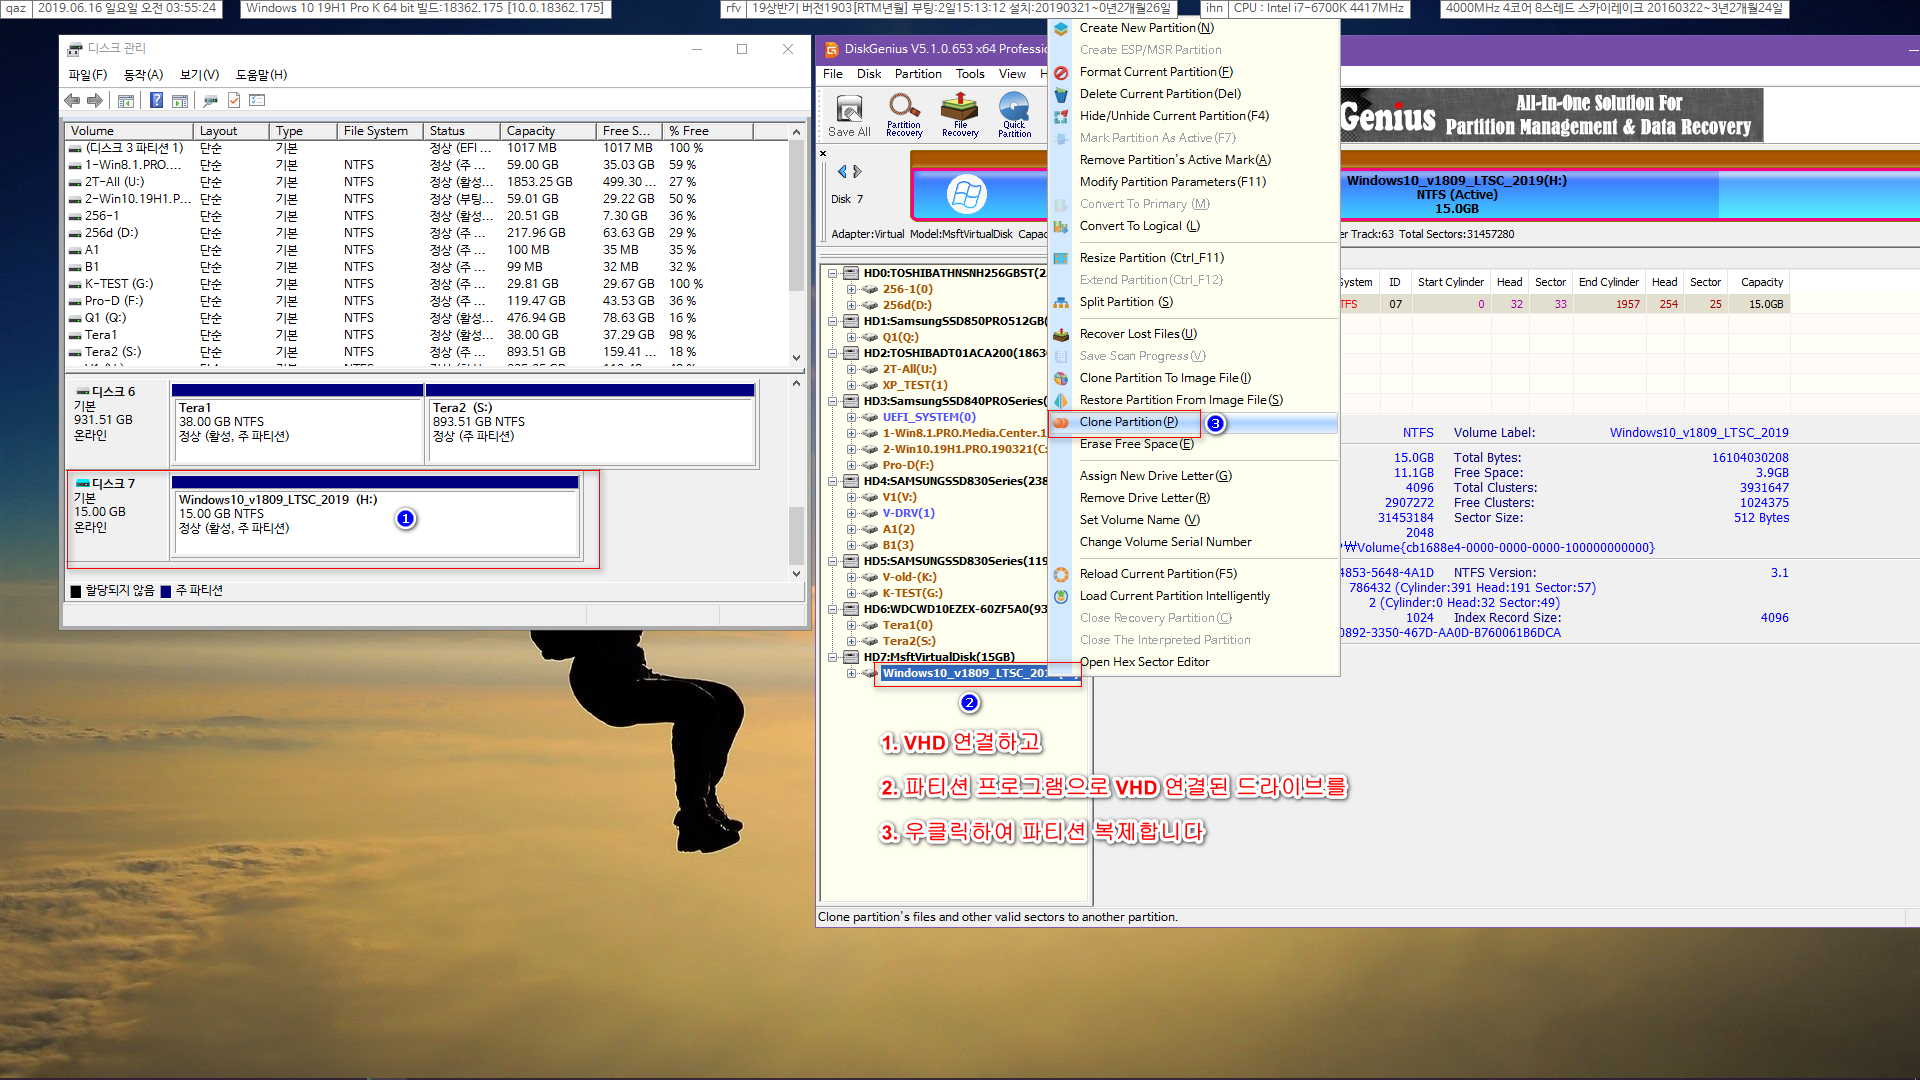 VHD를 실컴에 복구하기 - 파티션 복제, bcdboot, 하이브 로드하여 드라이브 문자들은 전부 삭제함 2019-06-16_035524.png